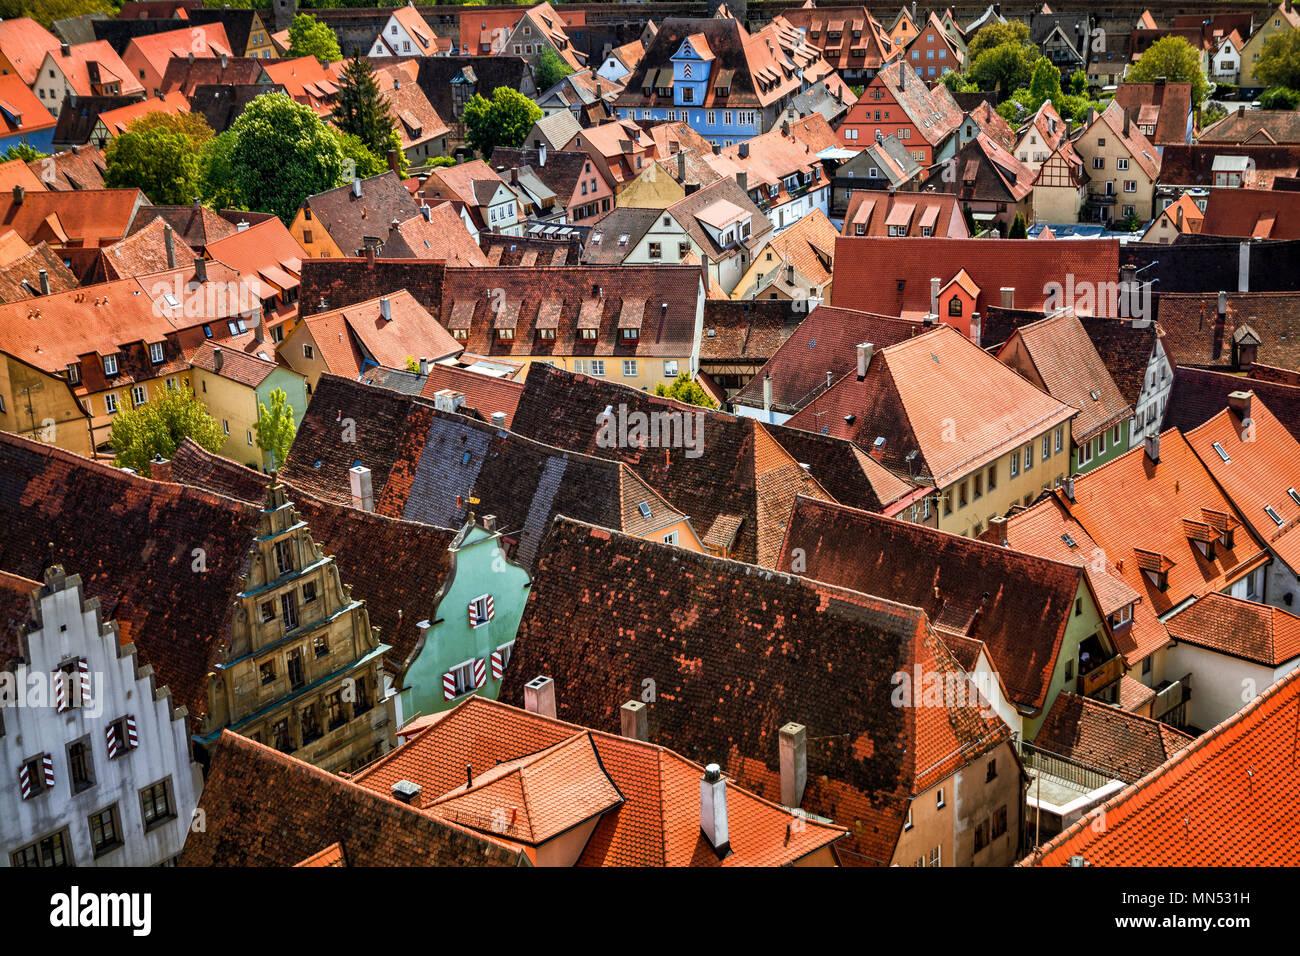 Antena de verano escénico panorama del casco antiguo en Rothenburg ob der Tauber, Baviera, Alemania Foto de stock